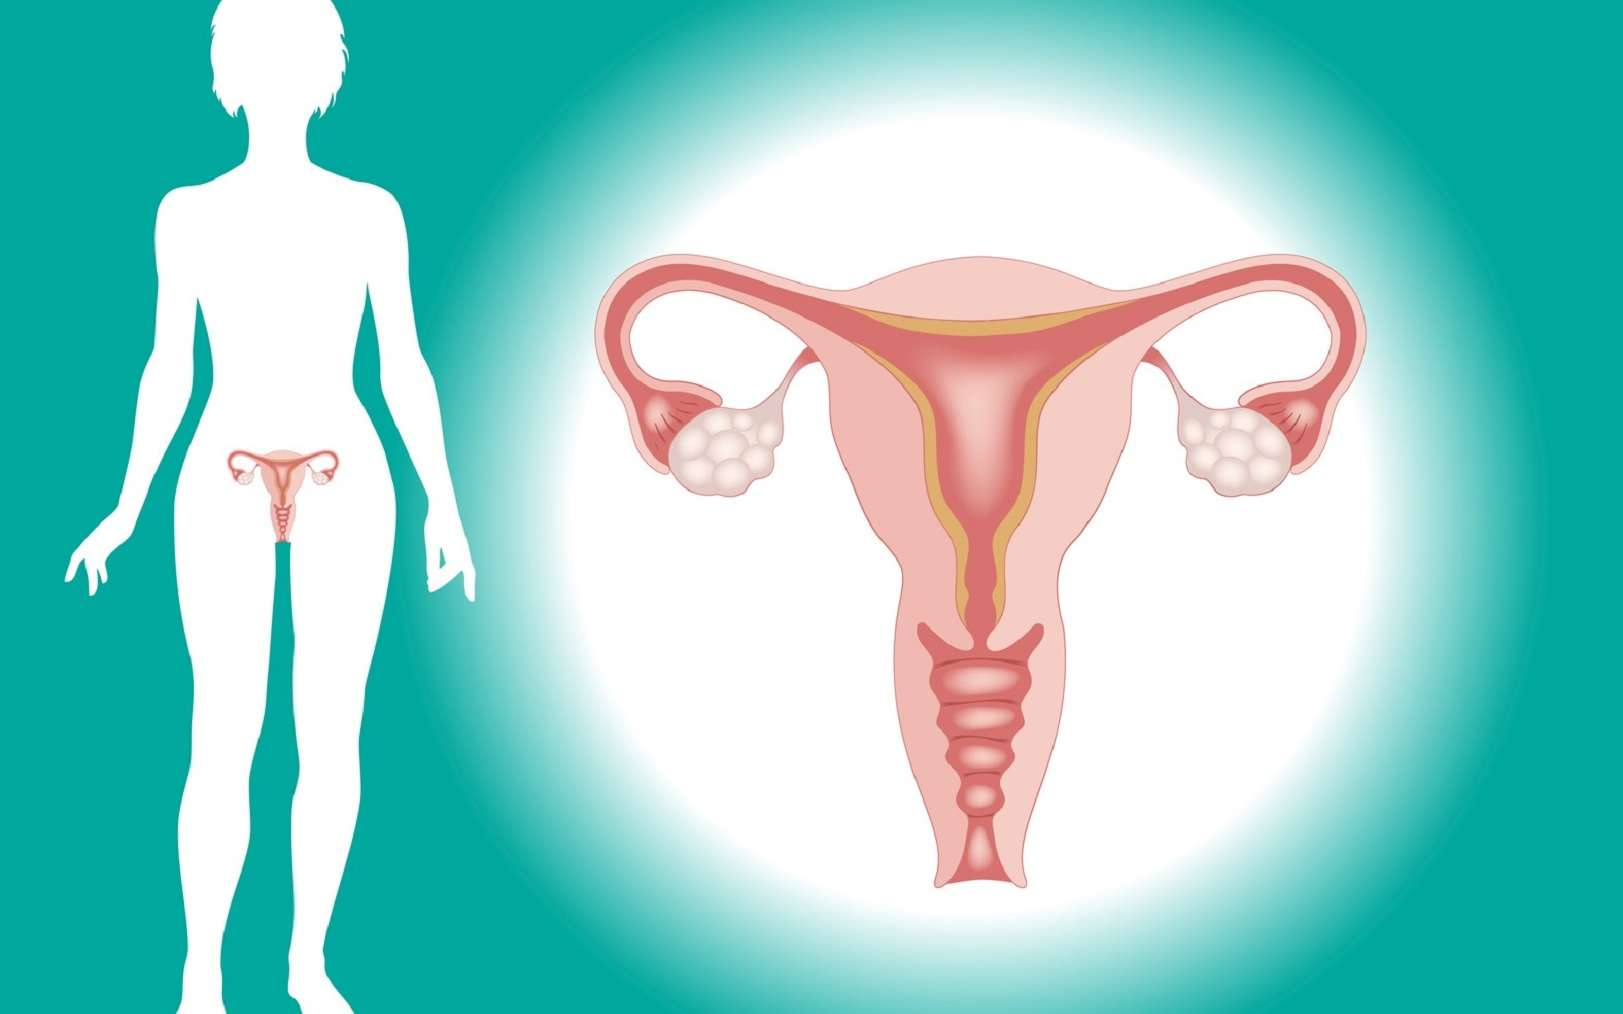 Le col de l'utérus est la partie basse et étroite de l'utérus qui permet la communication entre utérus et vagin. © vladgrin, Fotolia